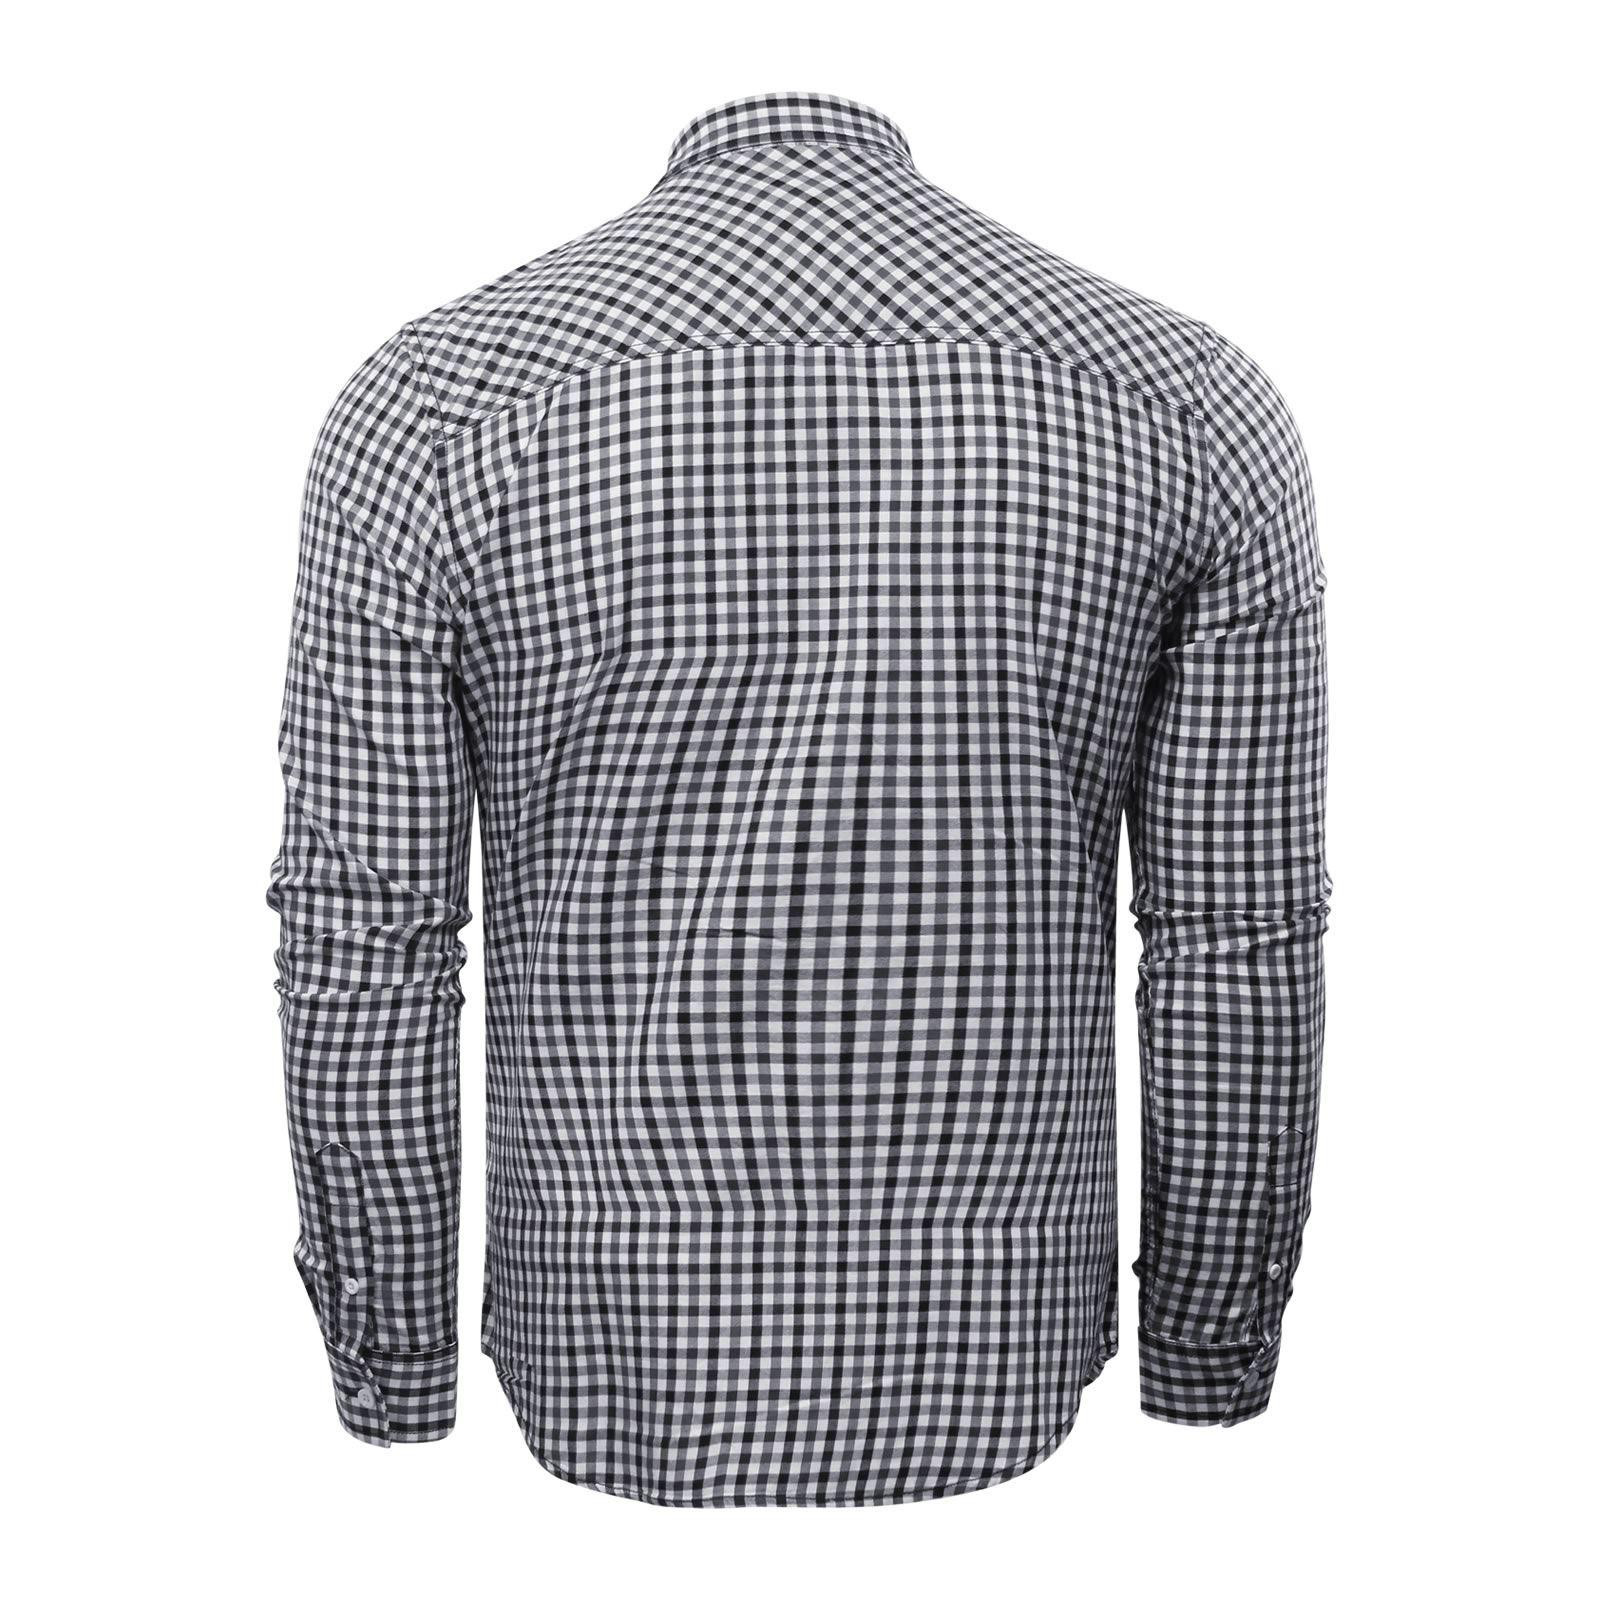 miniature 5 - Homme Chemise à carreaux Crosshatch Larix en coton à manches longues Top Casual